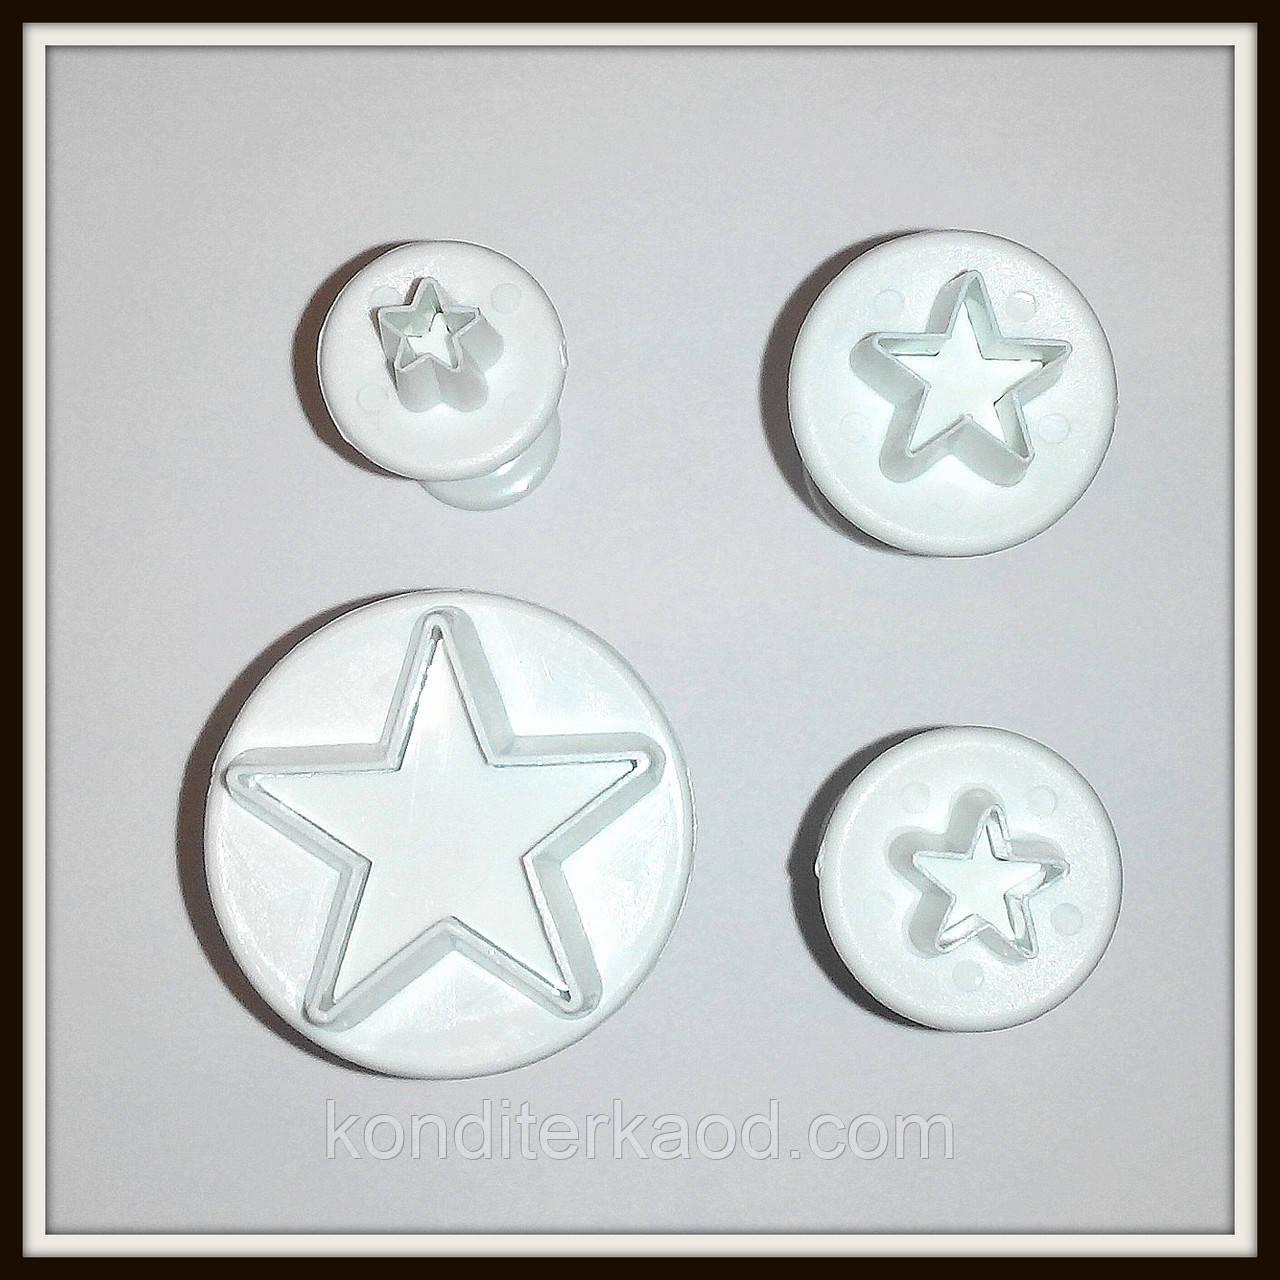 Плунжер Звездочки 4  шт (кнопка)